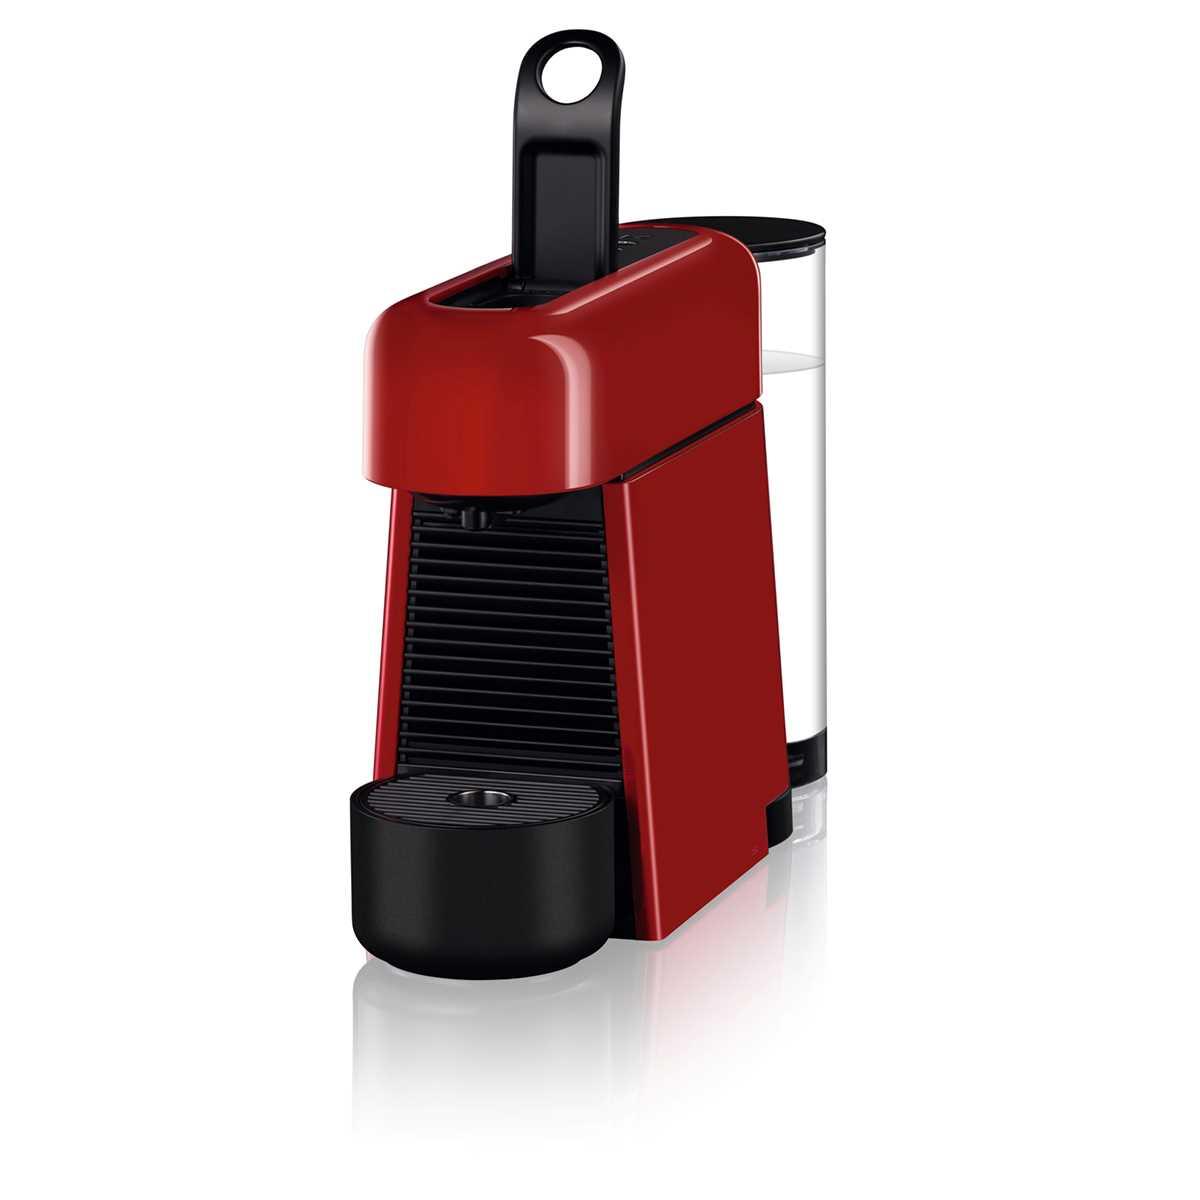 מכונת אספרסו Nespresso Essenza D45 Plus נספרסו כולל מקצף חלב - צבע אדום - תמונה 5